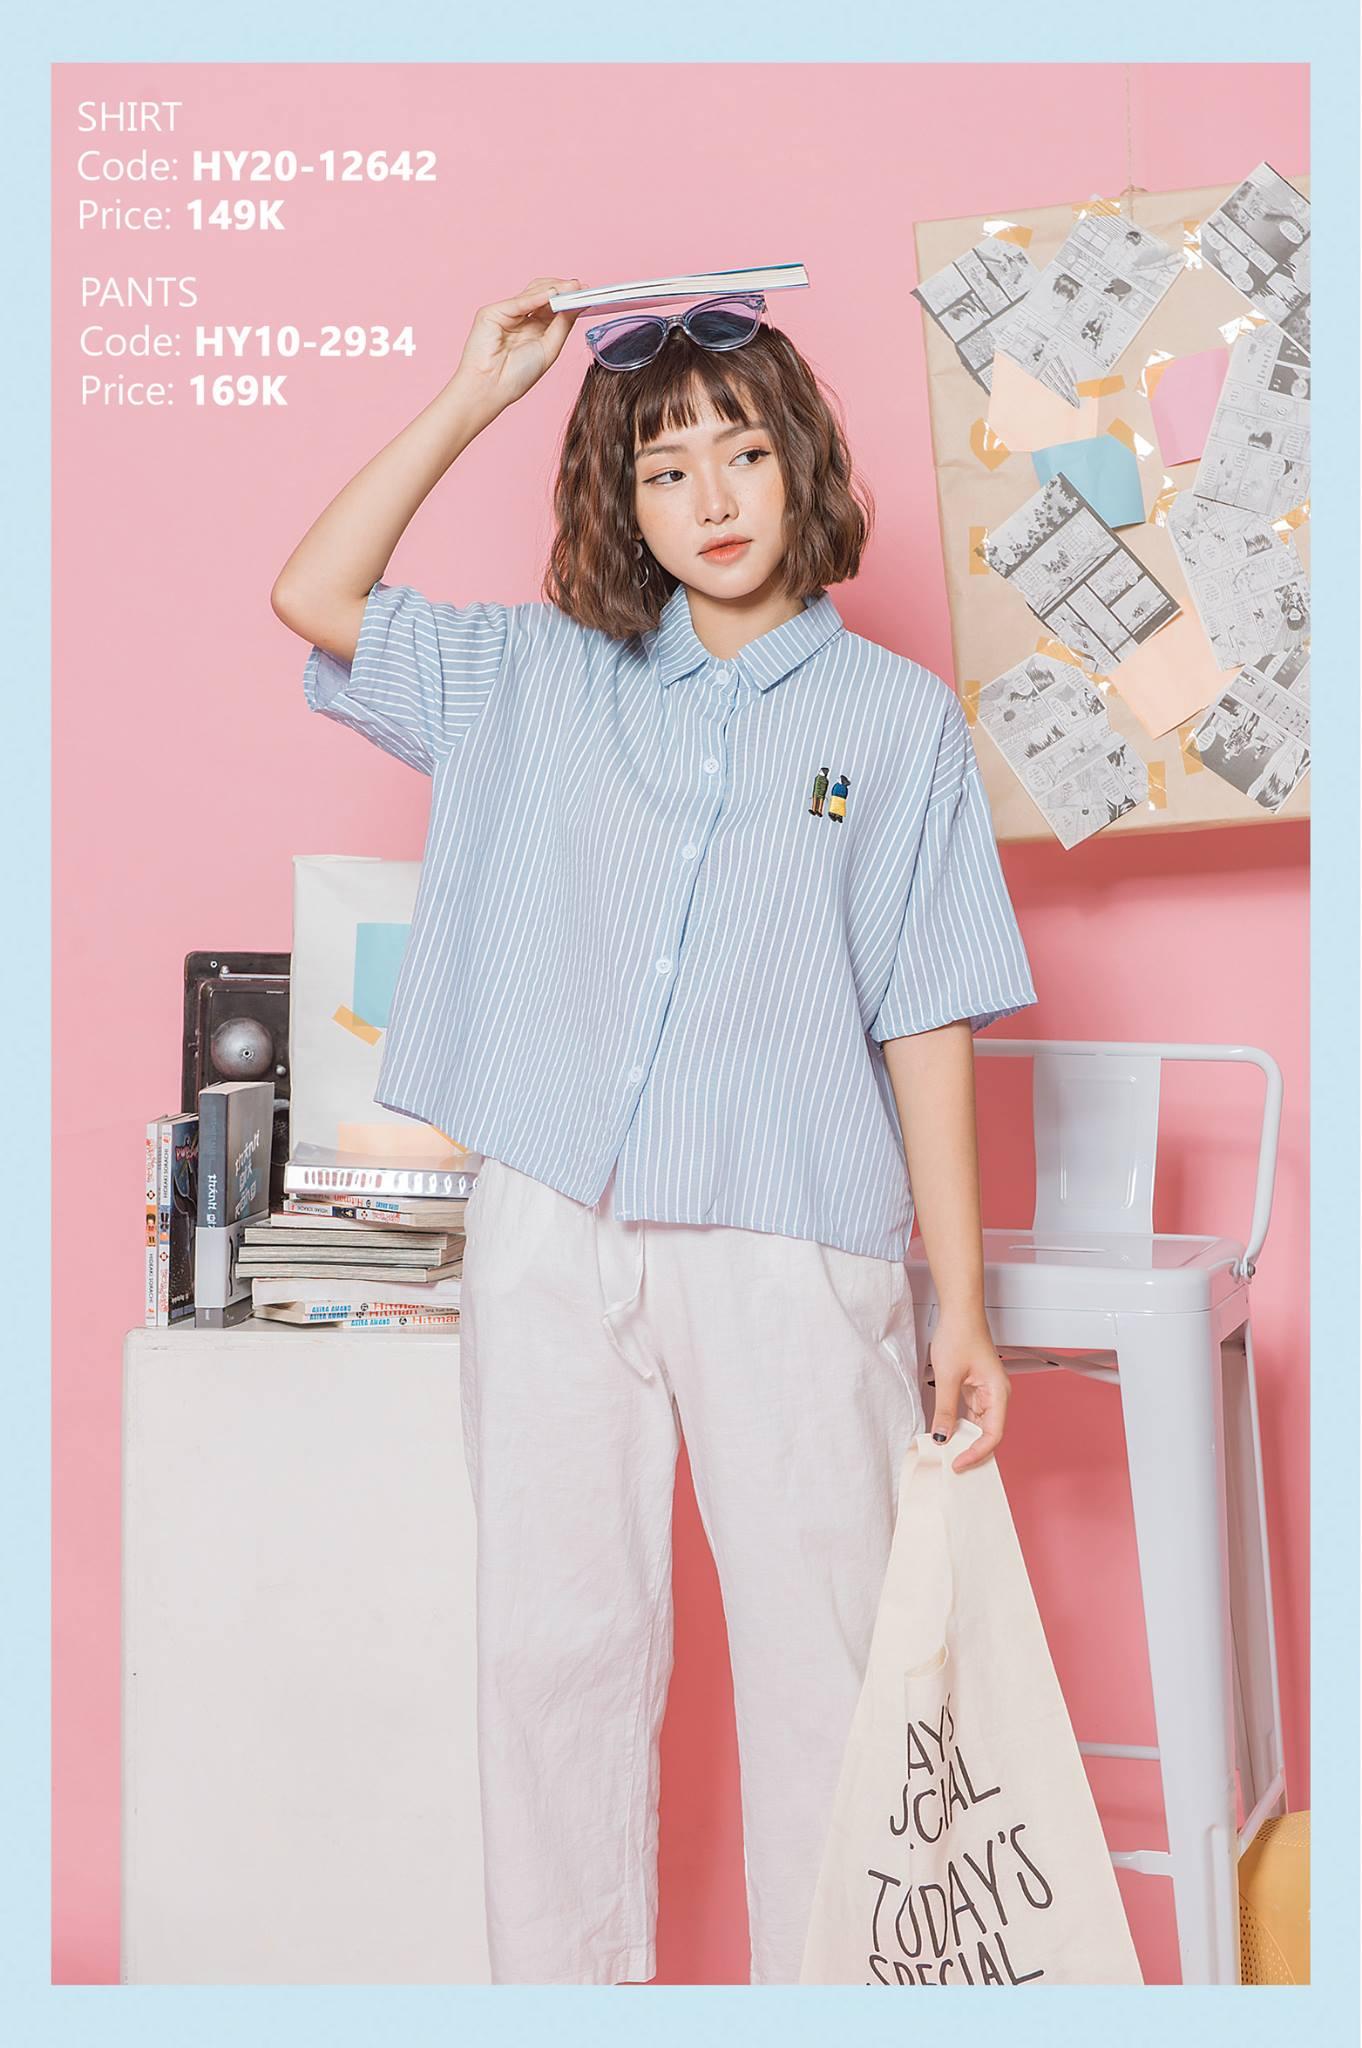 Đồ đẹp, trendy mà giá lại mềm, đây là 15 shop thời trang được giới trẻ Hà Nội kết nhất hiện nay - Ảnh 11.